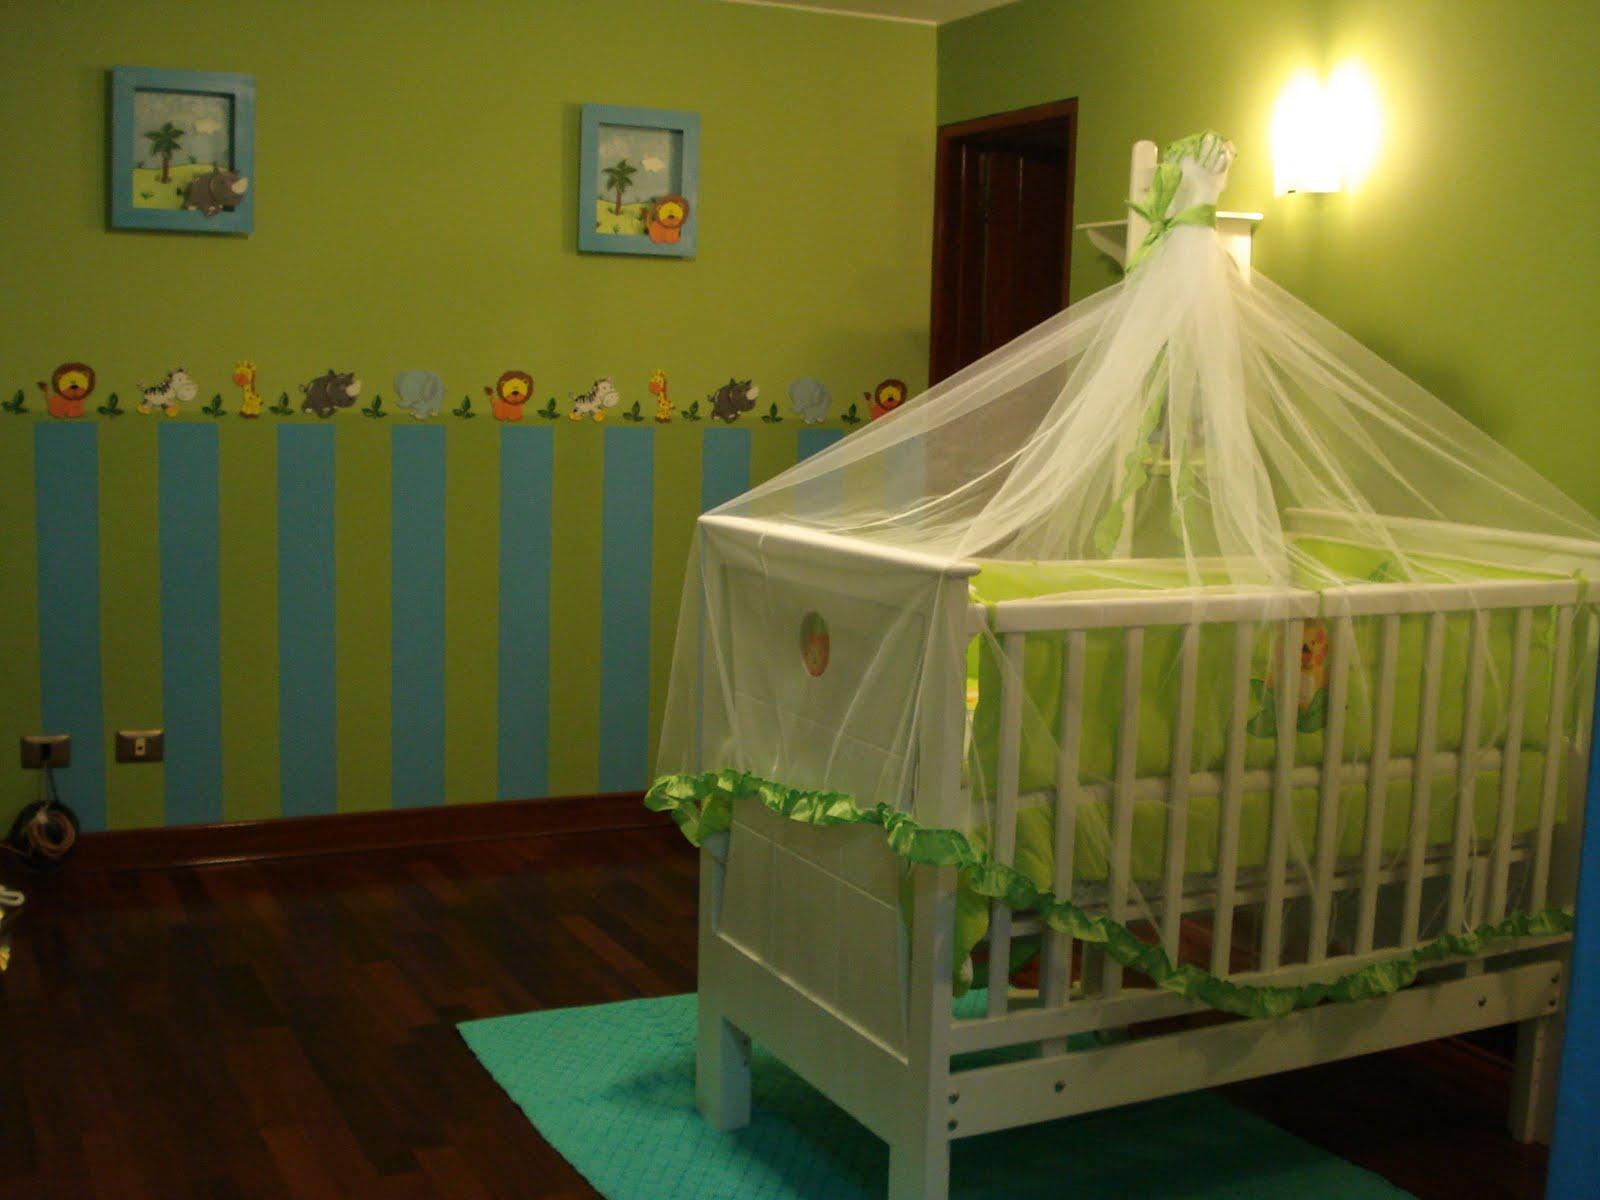 Decora bebe decoraciones for Tablero del deco del sitio del bebe